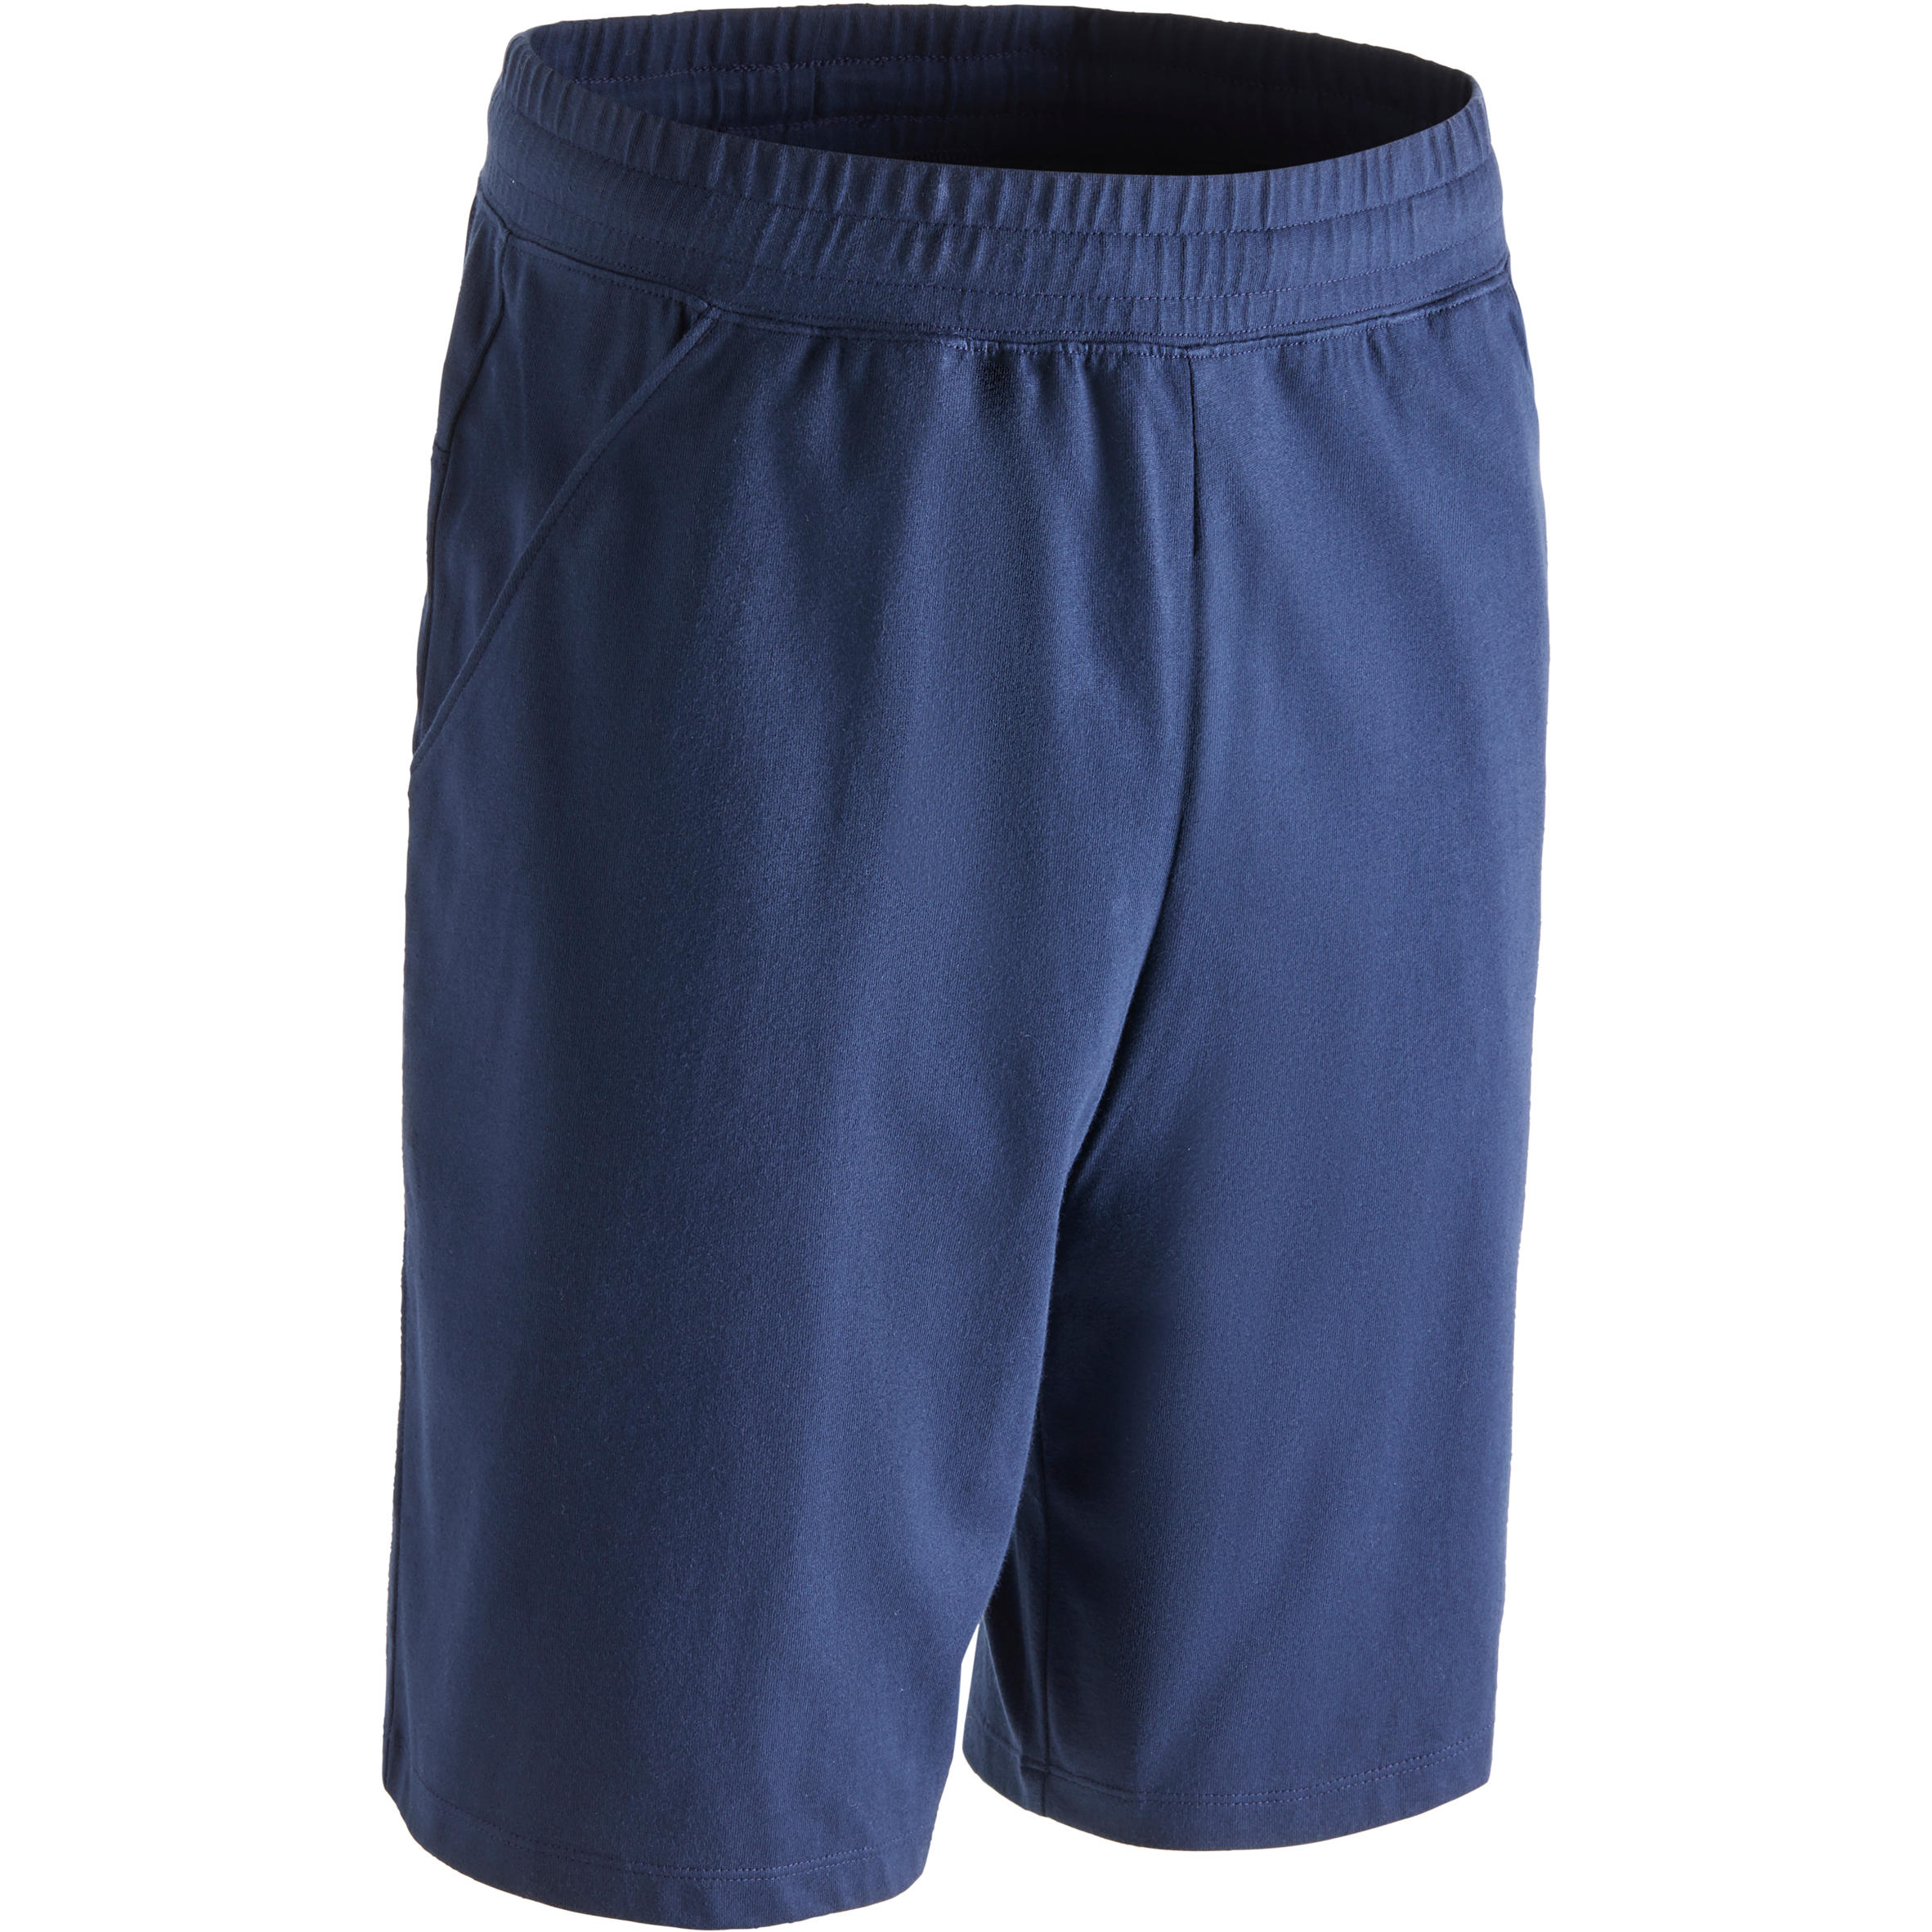 Short500 regular largo encima de rodillas gimnasia y pilates hombre azul marino